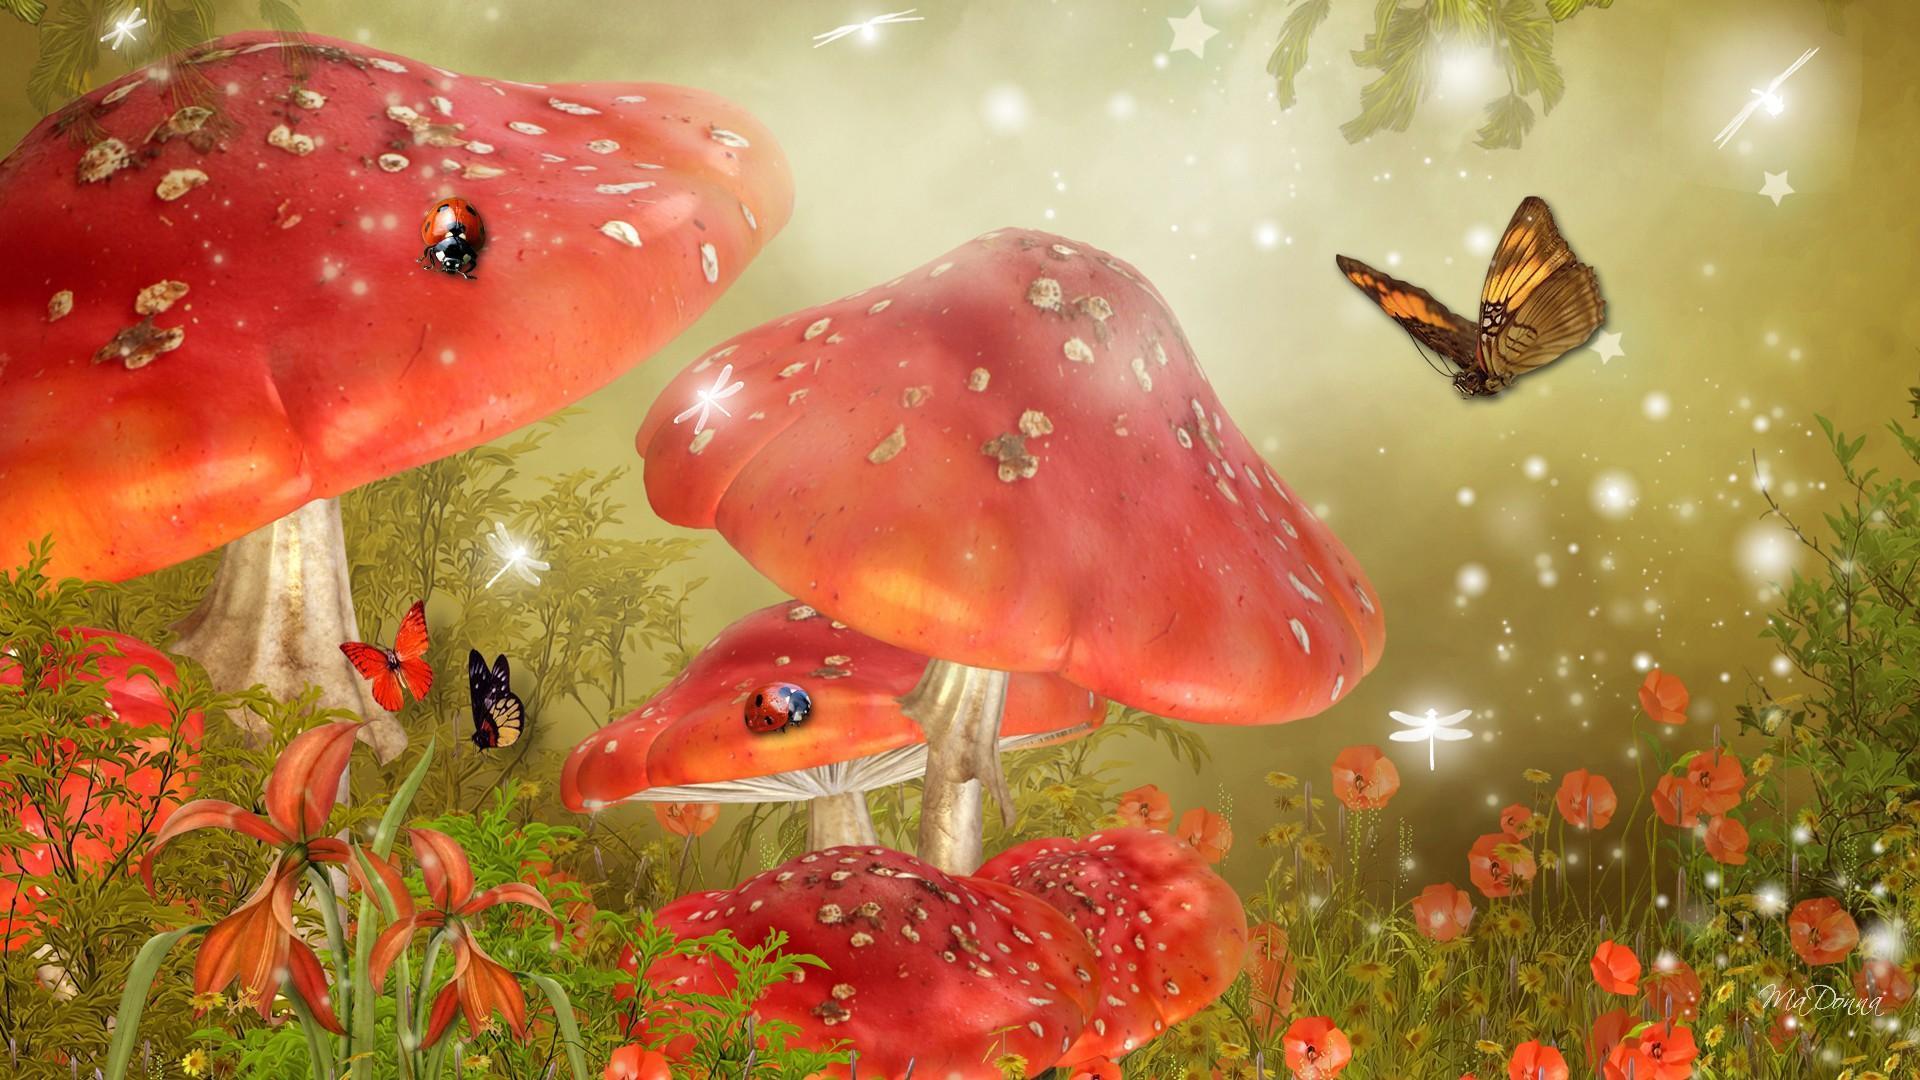 3d Mushroom Garden Hd Wallpaper Download Mystical Mushrooms Hd Desktop Wallpaper Widescreen